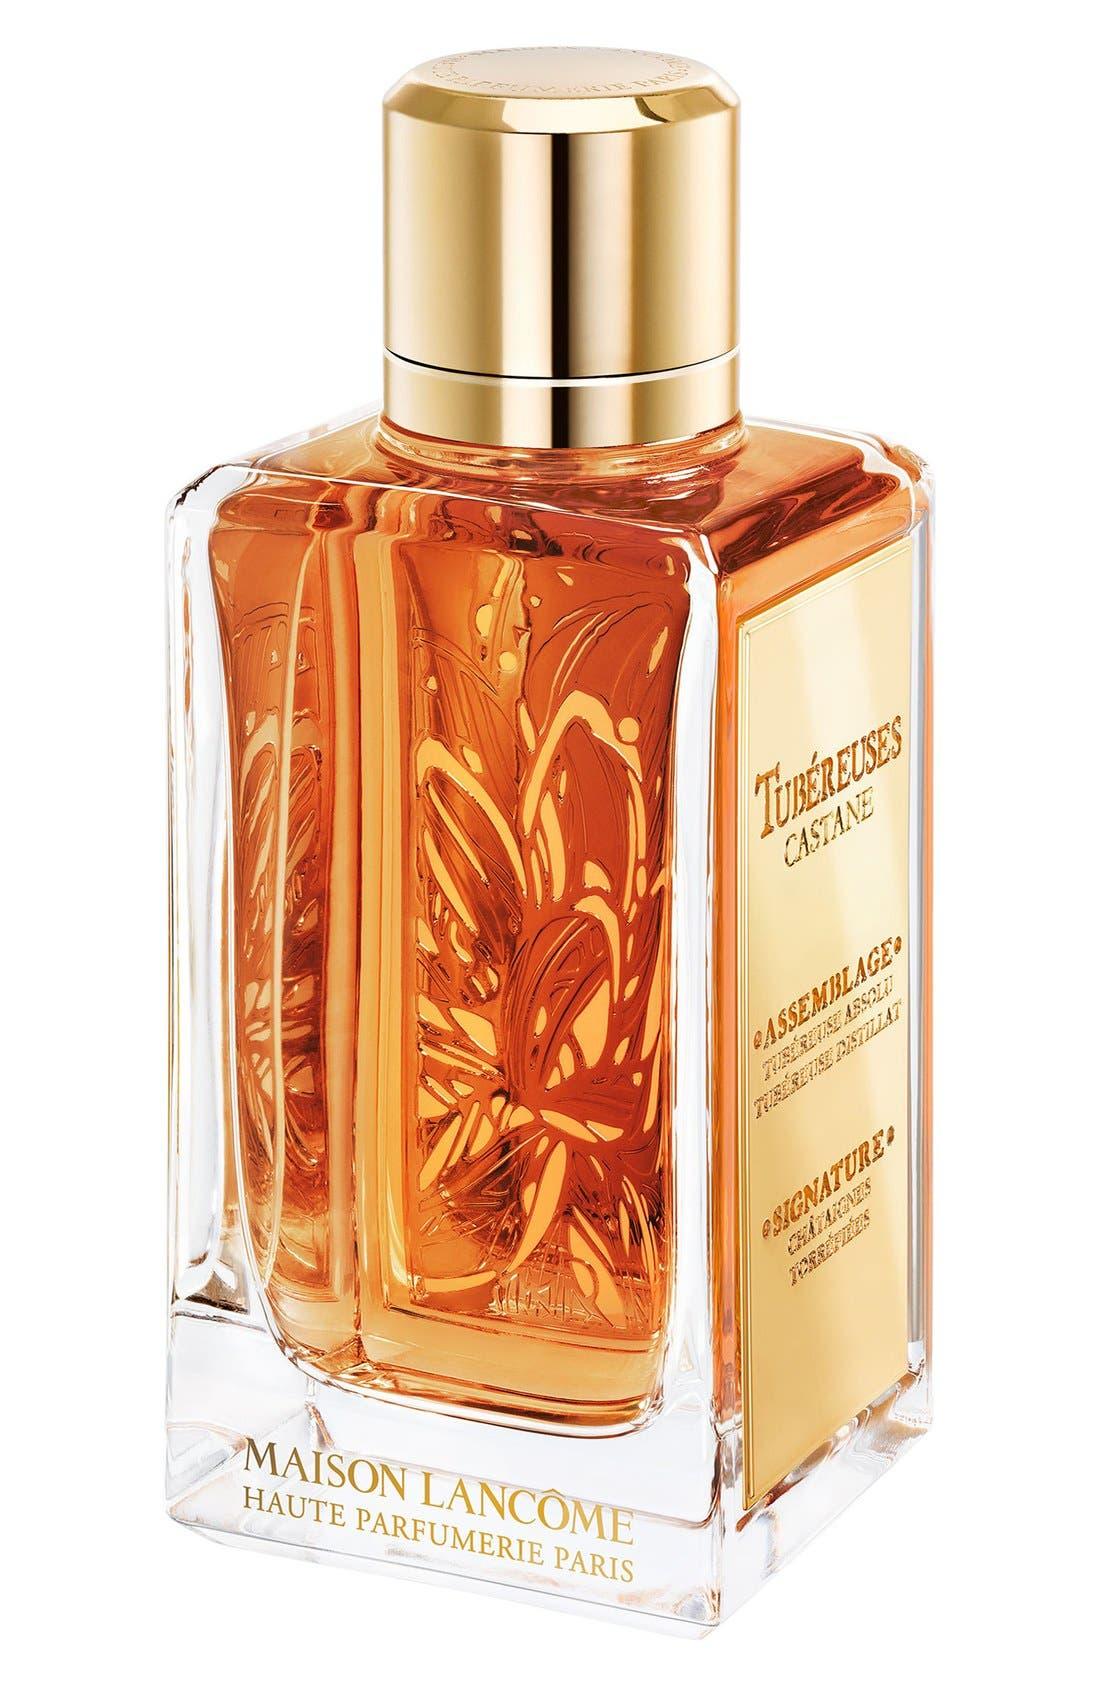 Maison Lancôme - Tubéreuses Castane Eau de Parfum,                             Alternate thumbnail 2, color,                             NO COLOR